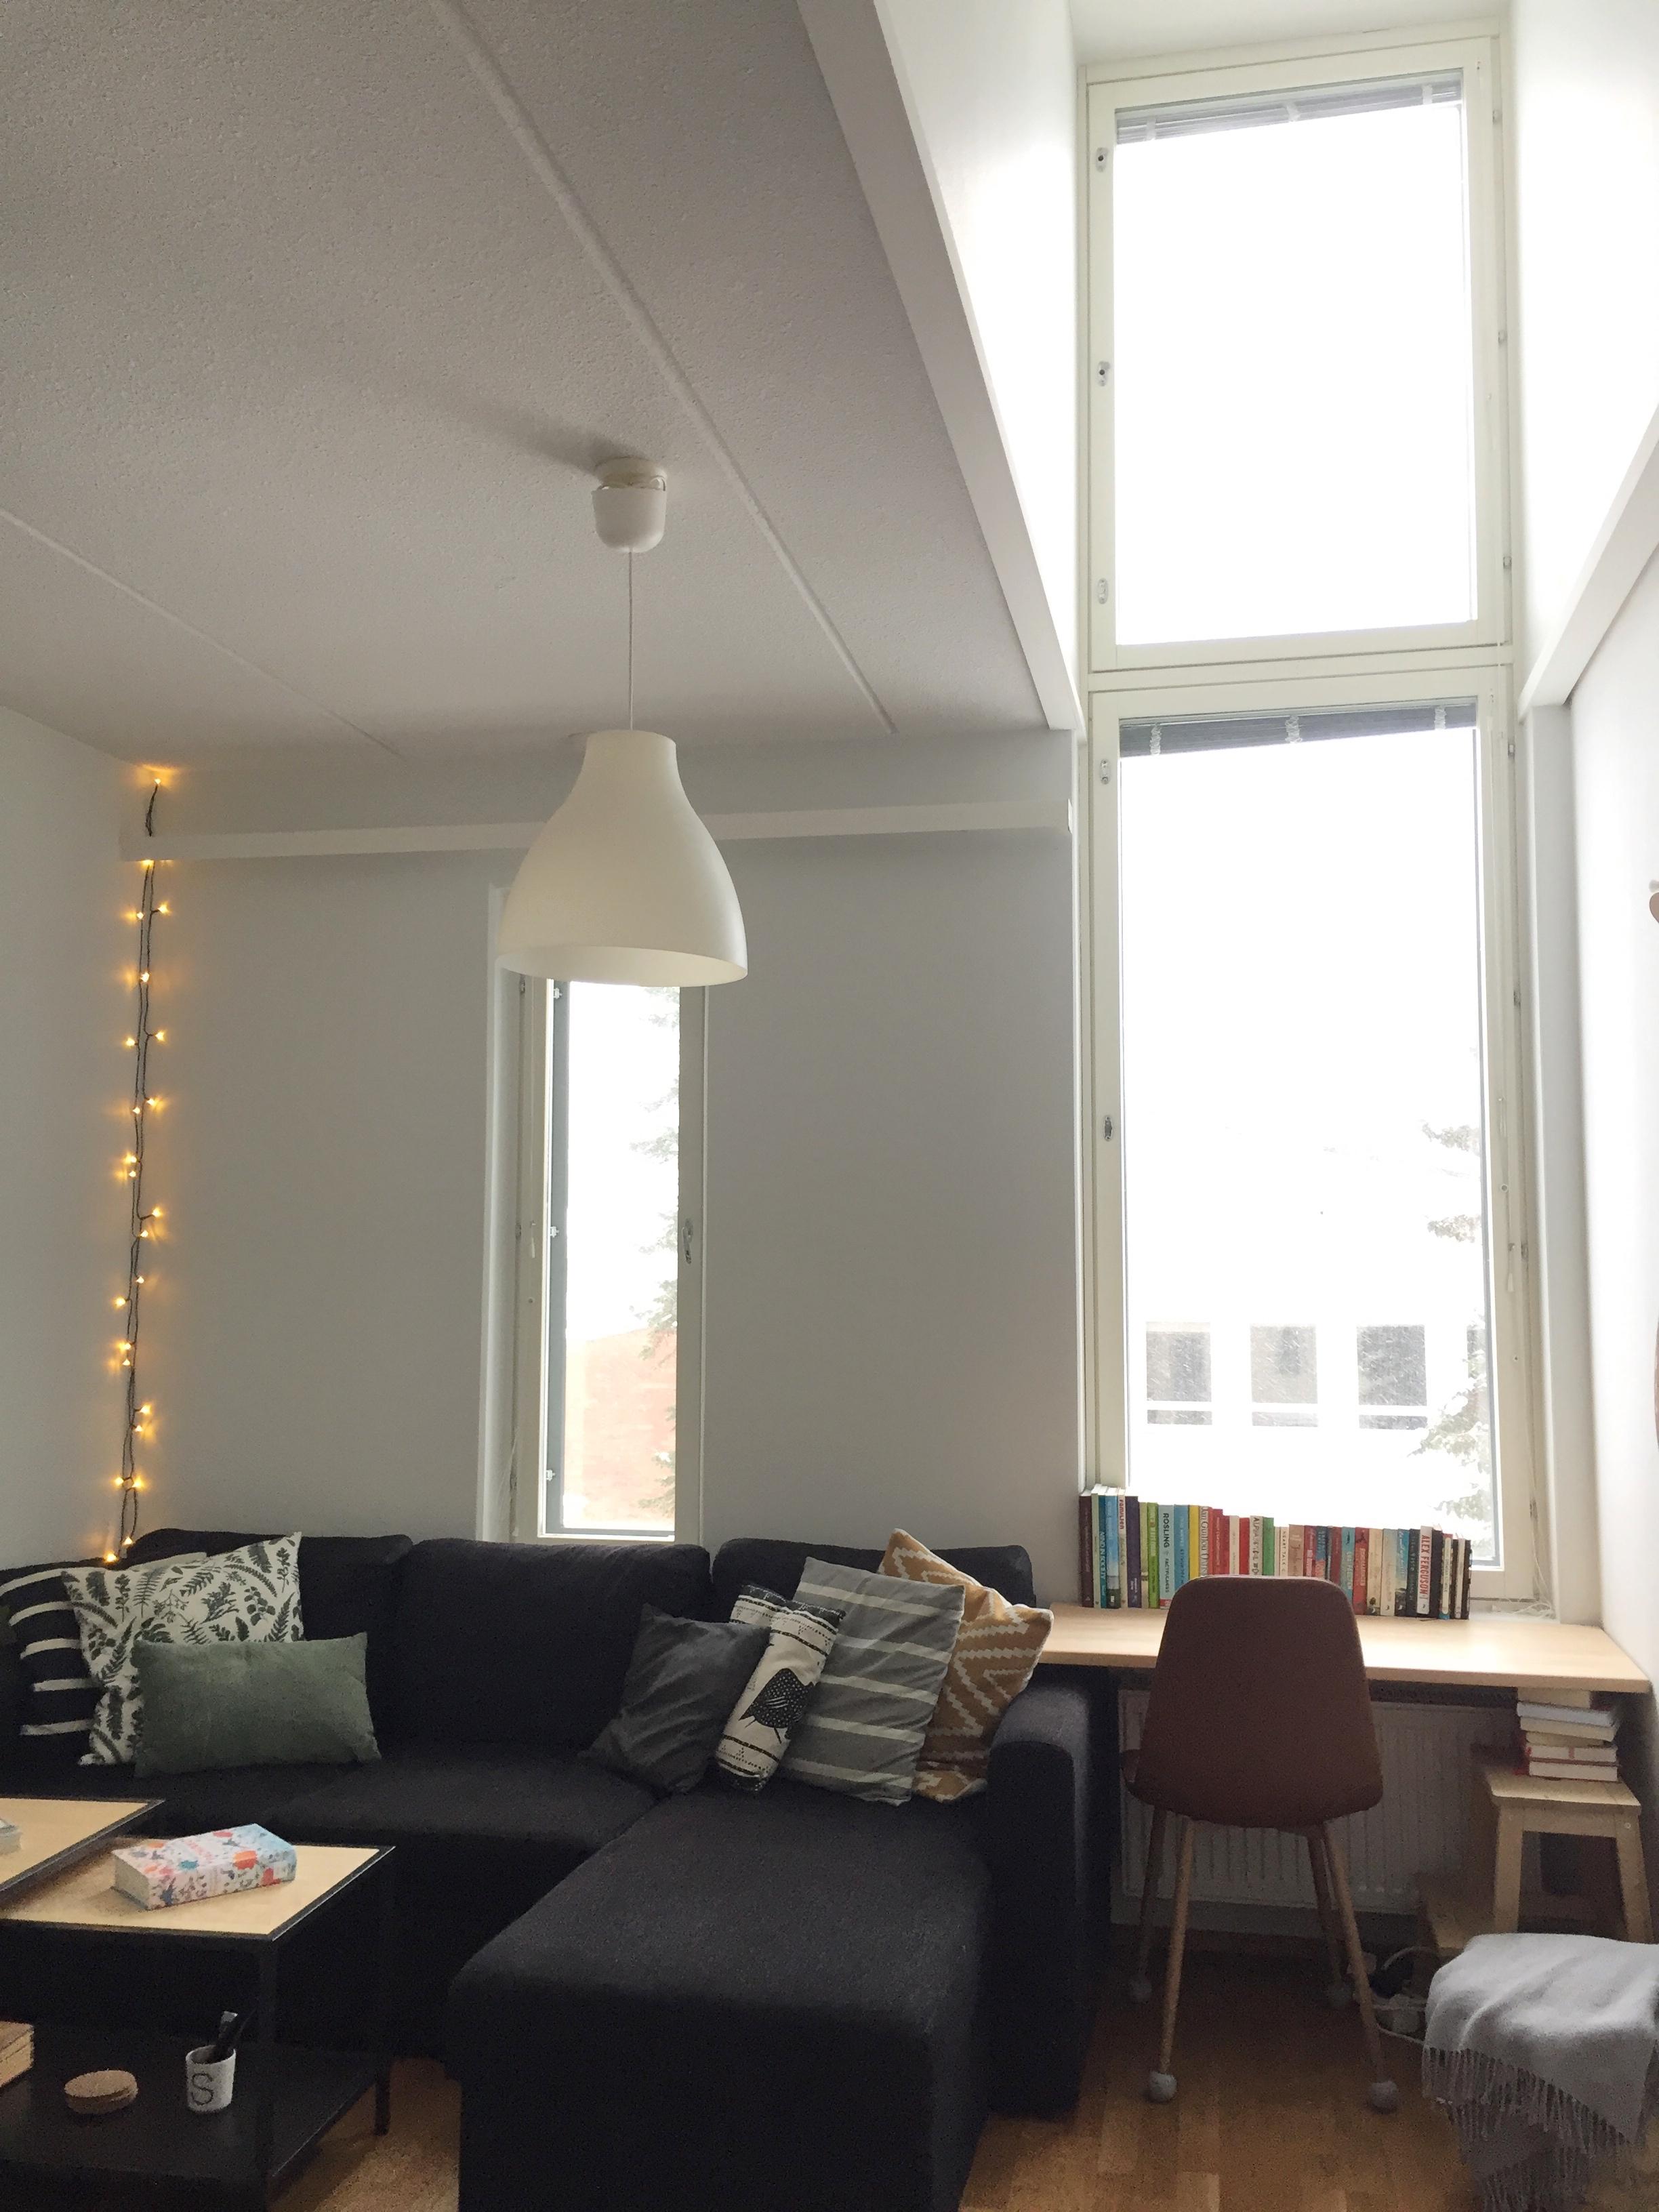 Det här höga fönstret ger härligt mycket ljus!